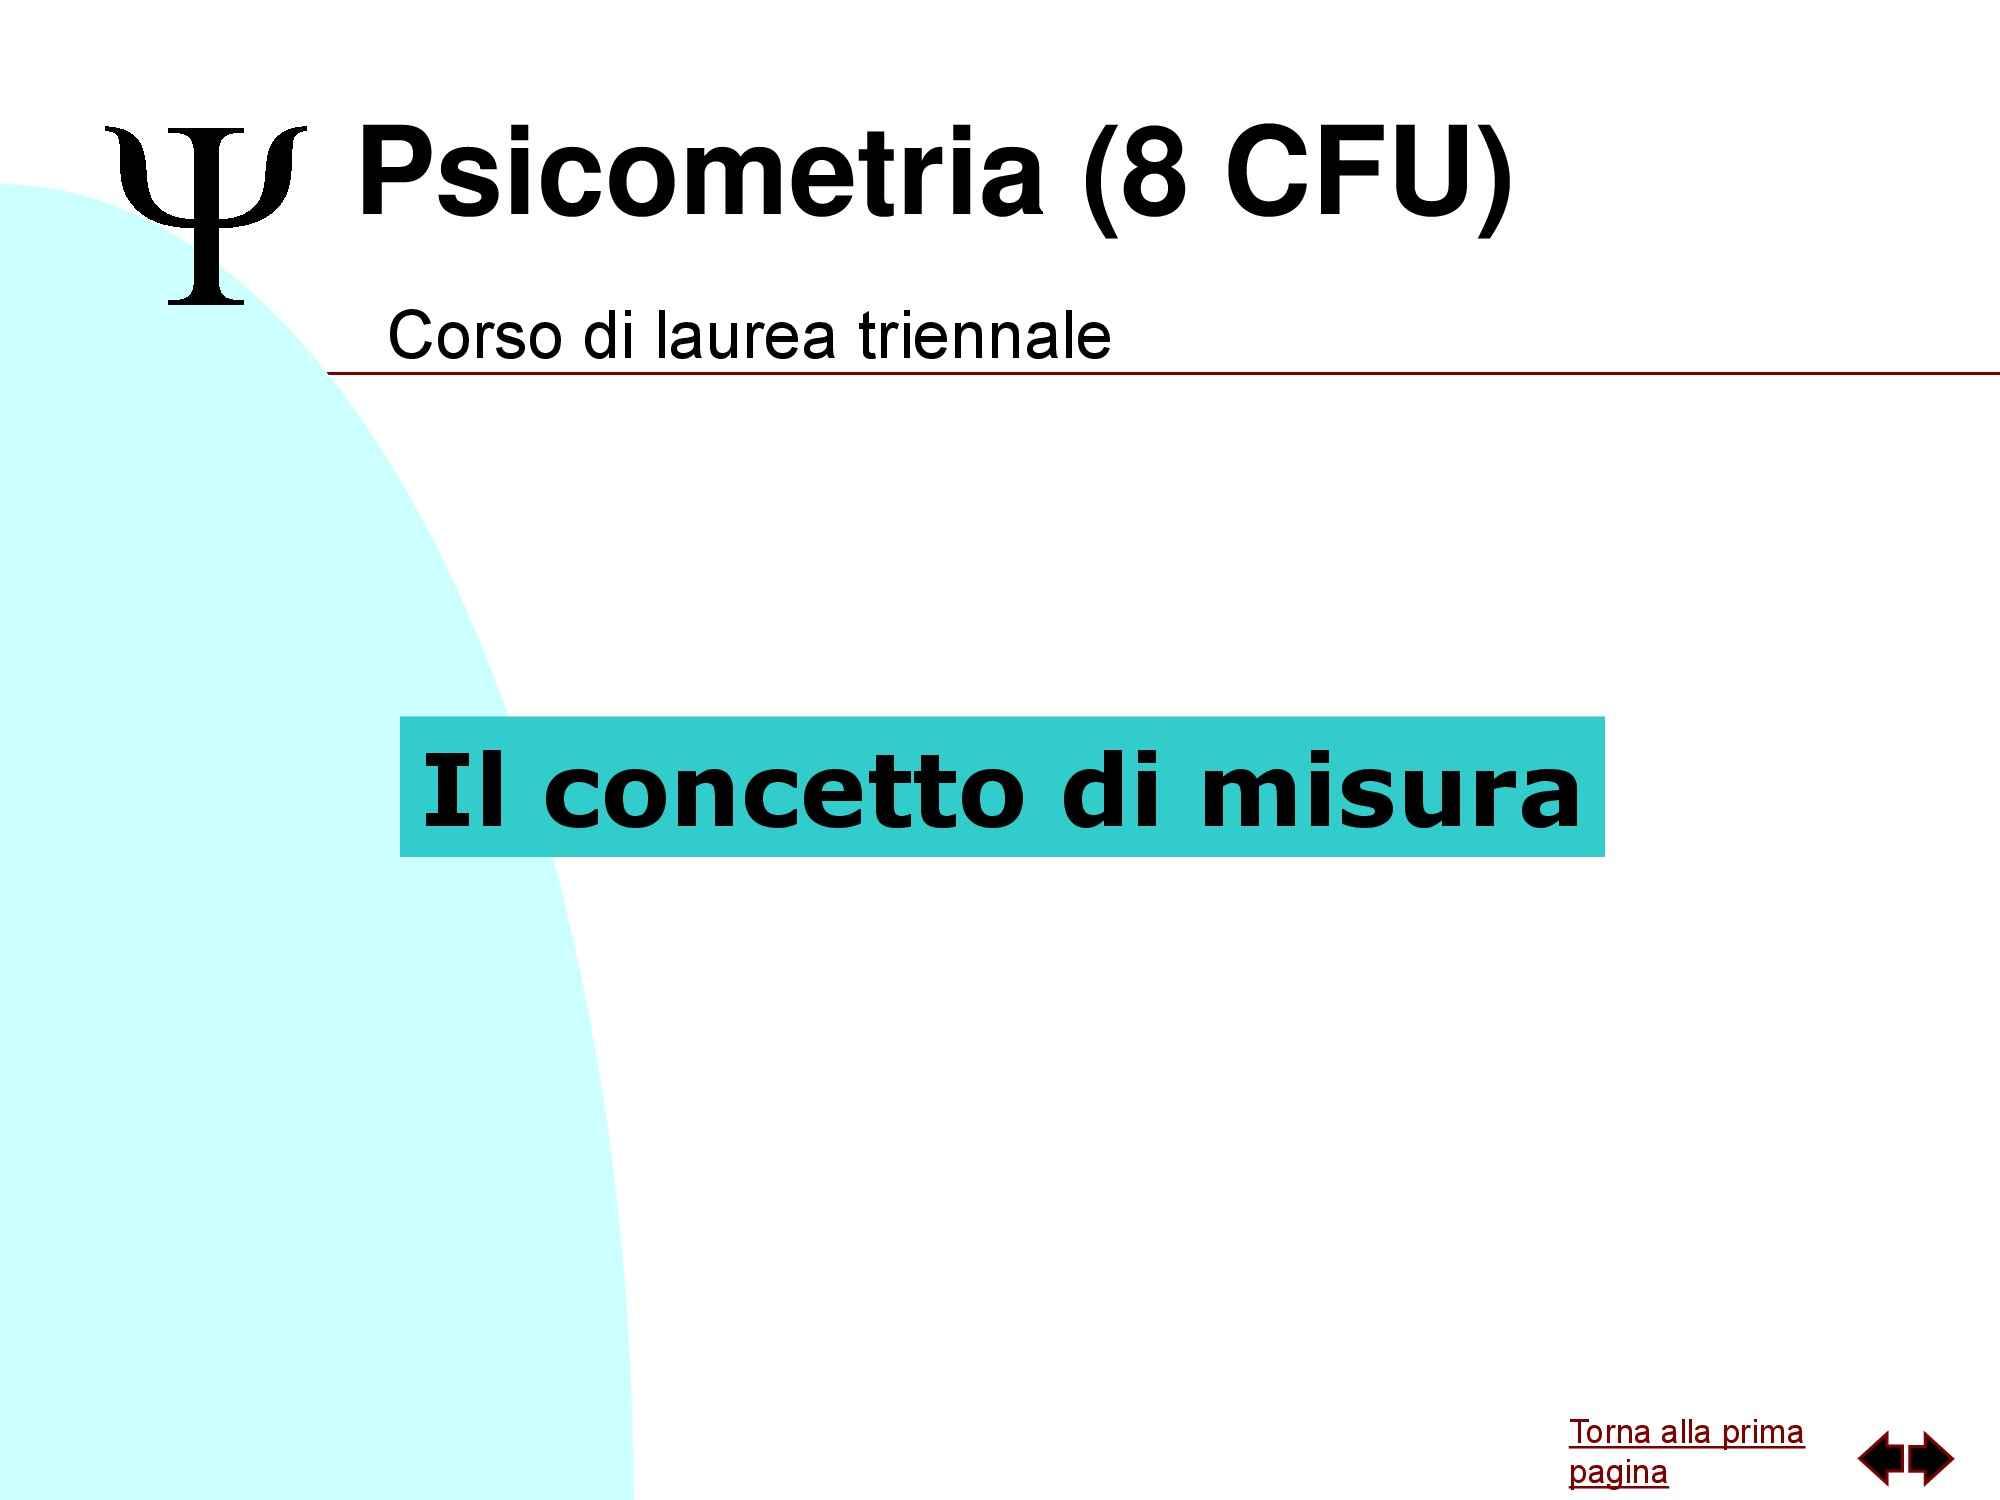 Psicometria - Il concetto di misura